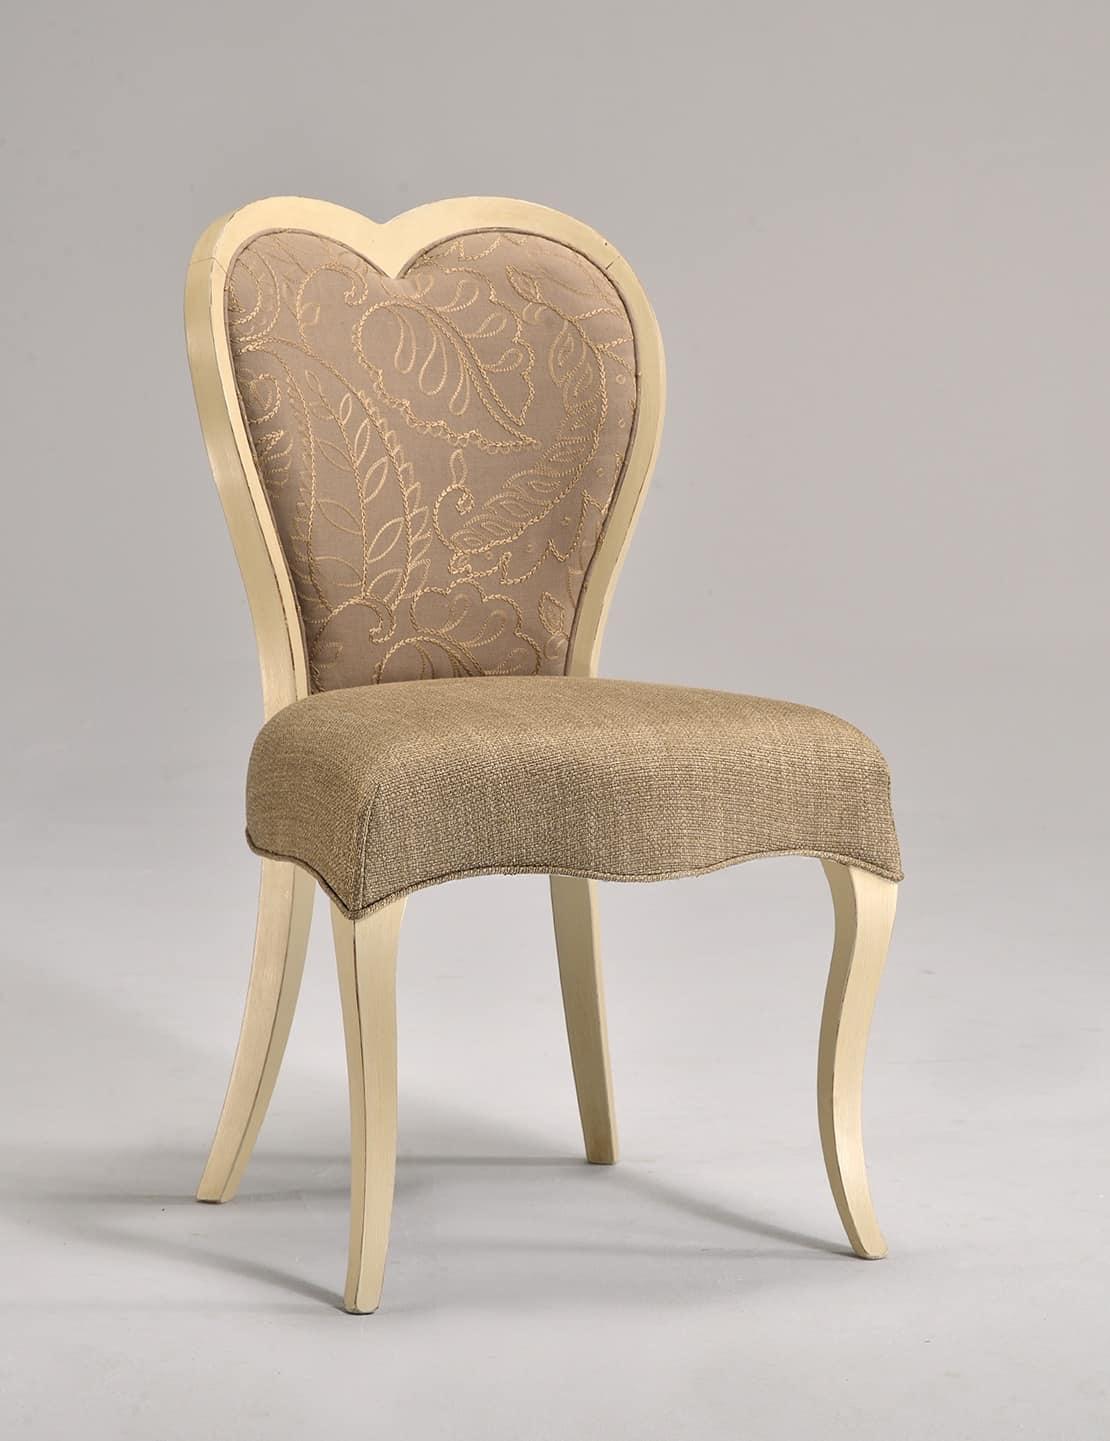 LOVE chair 8528S, Classic beech chair, heart-shaped backrest